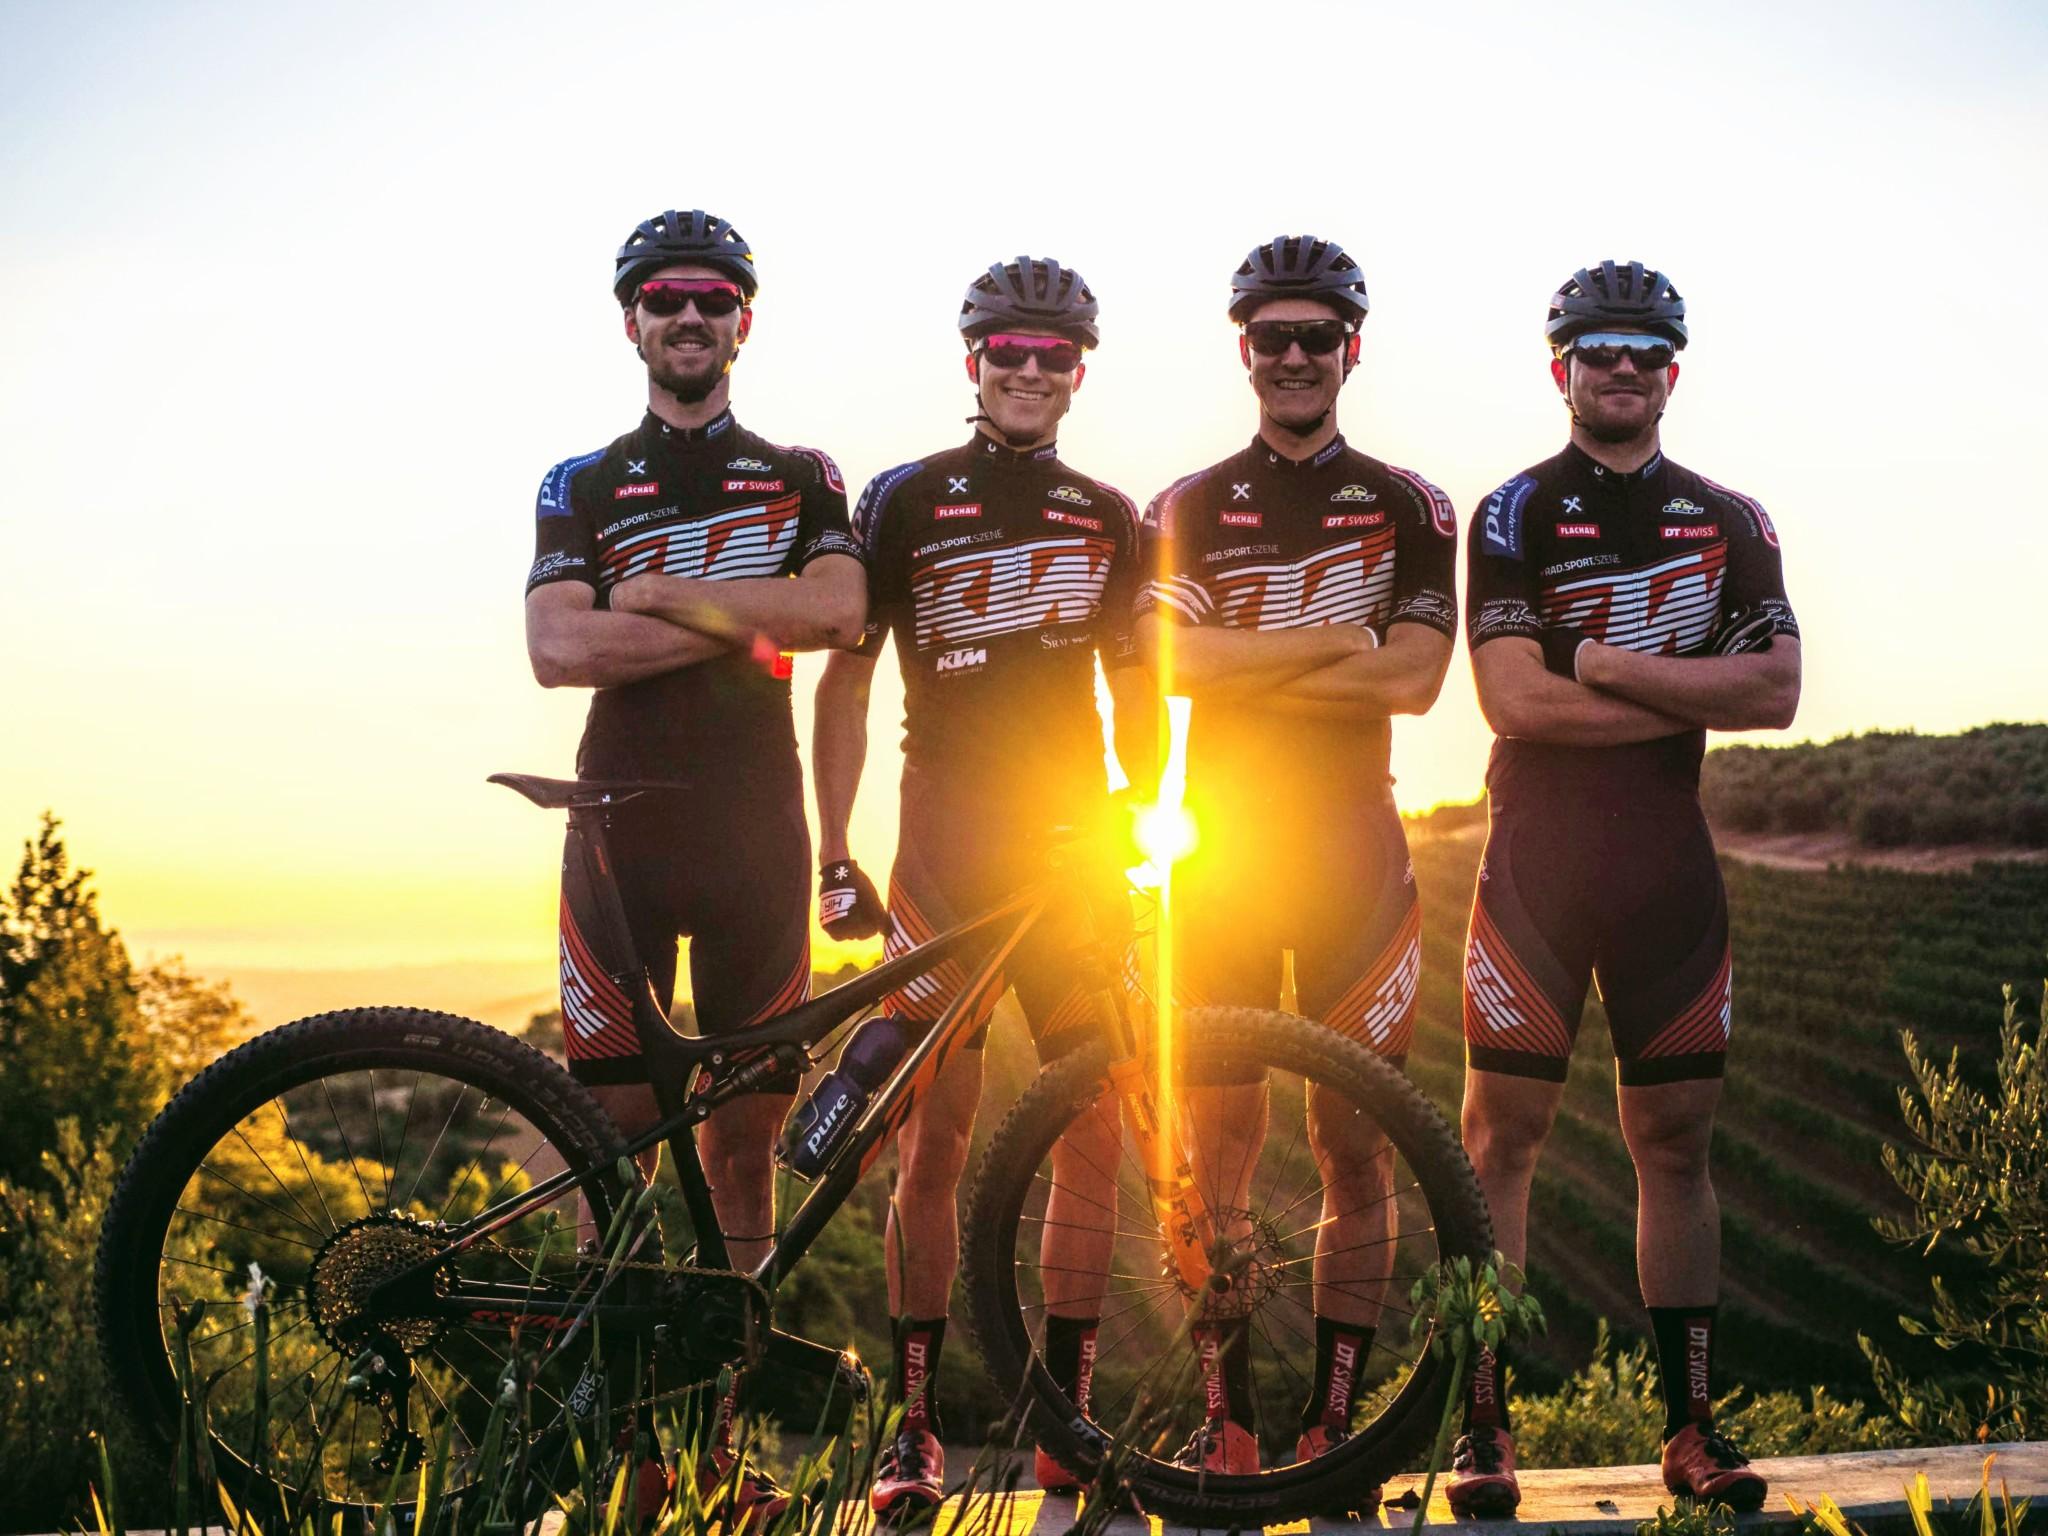 KTM-PRO-TEAM-Sunset-54-von-67-1